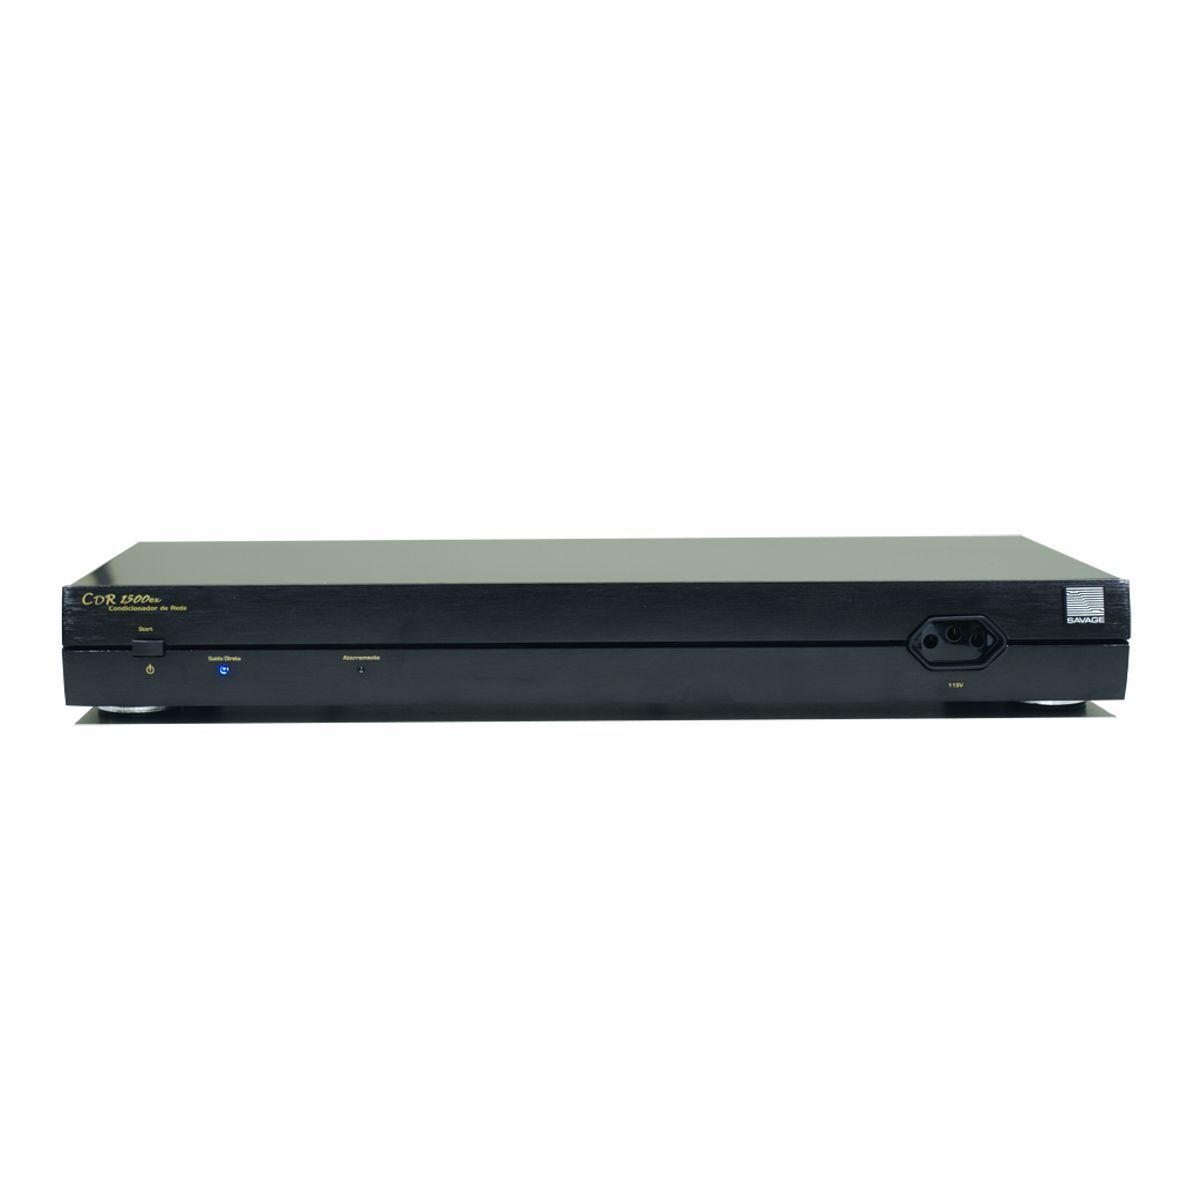 Condicionador de Energia 1500W CDR-1500ex SAVAGE (110v)